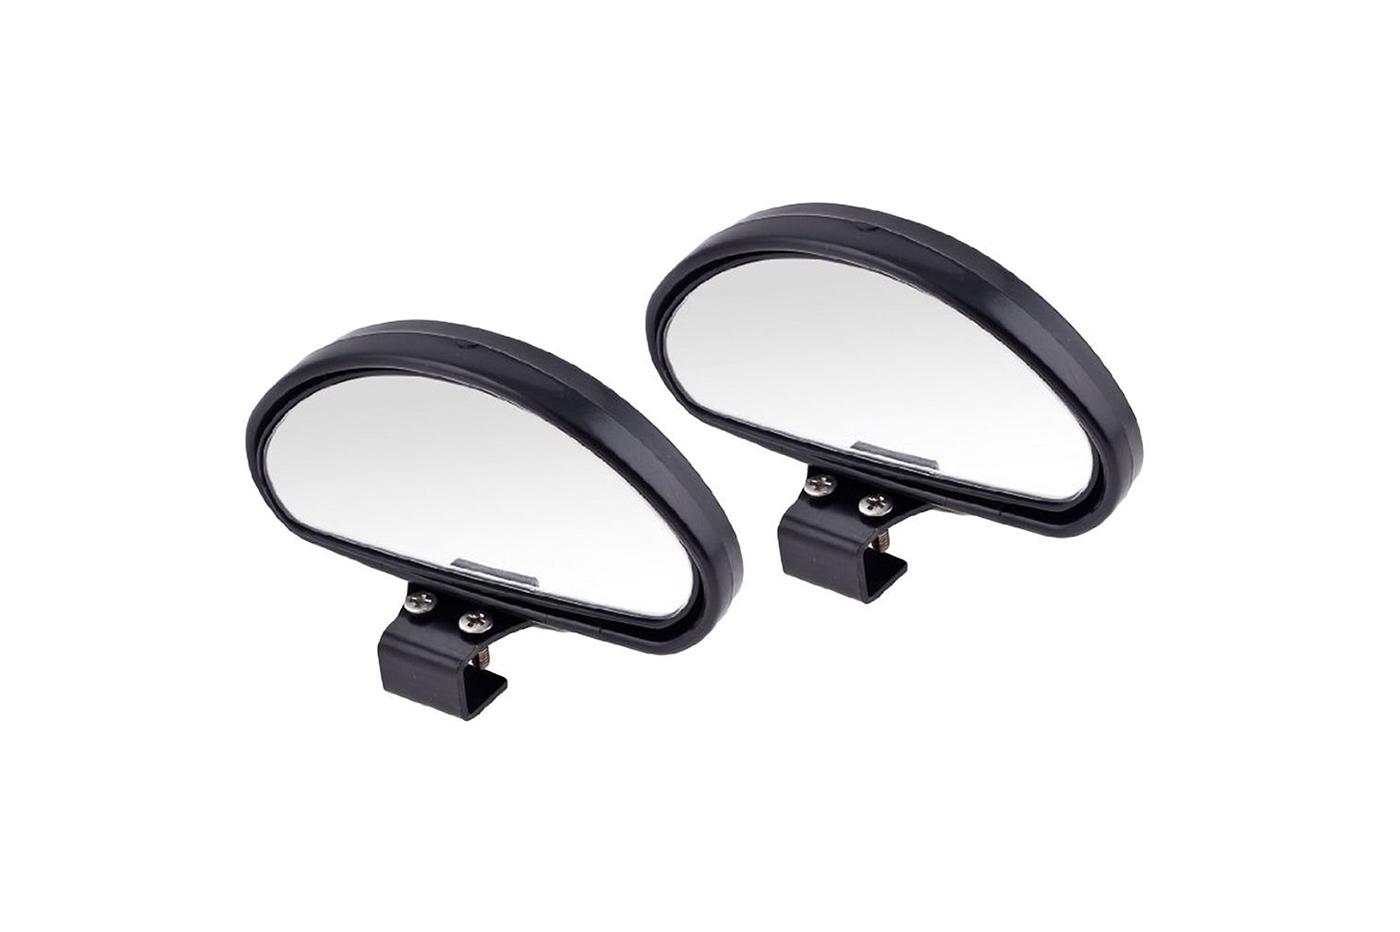 Specchietto Parasole Retrovisore,MoreChioce 2 Pezzi Auto Copertura Antipioggia Specchietto Retrovisore Pioggia Sopracciglia Protezione Visiera Specchietto Retrovisore,Nero